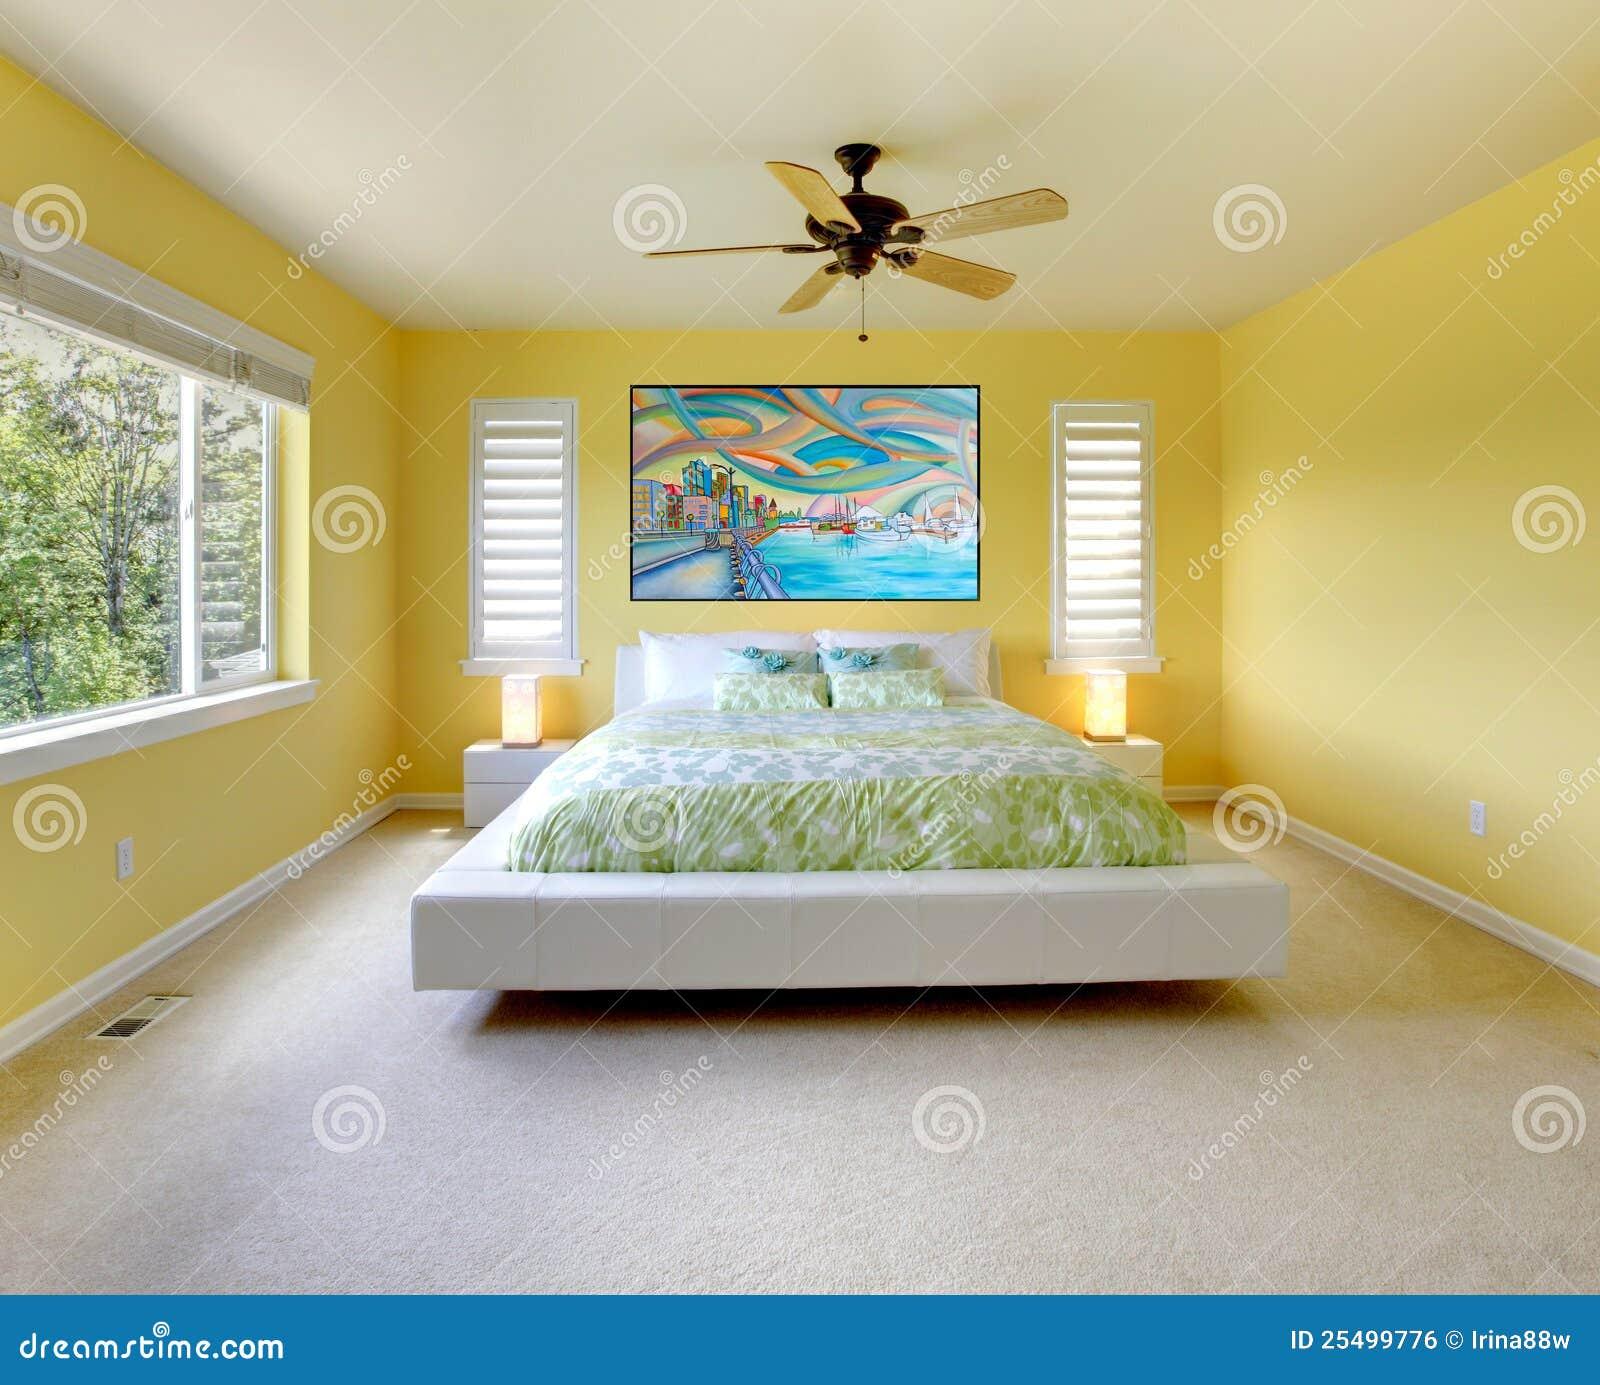 Chambre à Coucher Moderne Jaune Avec Le Bâti Blanc. Photo stock ...